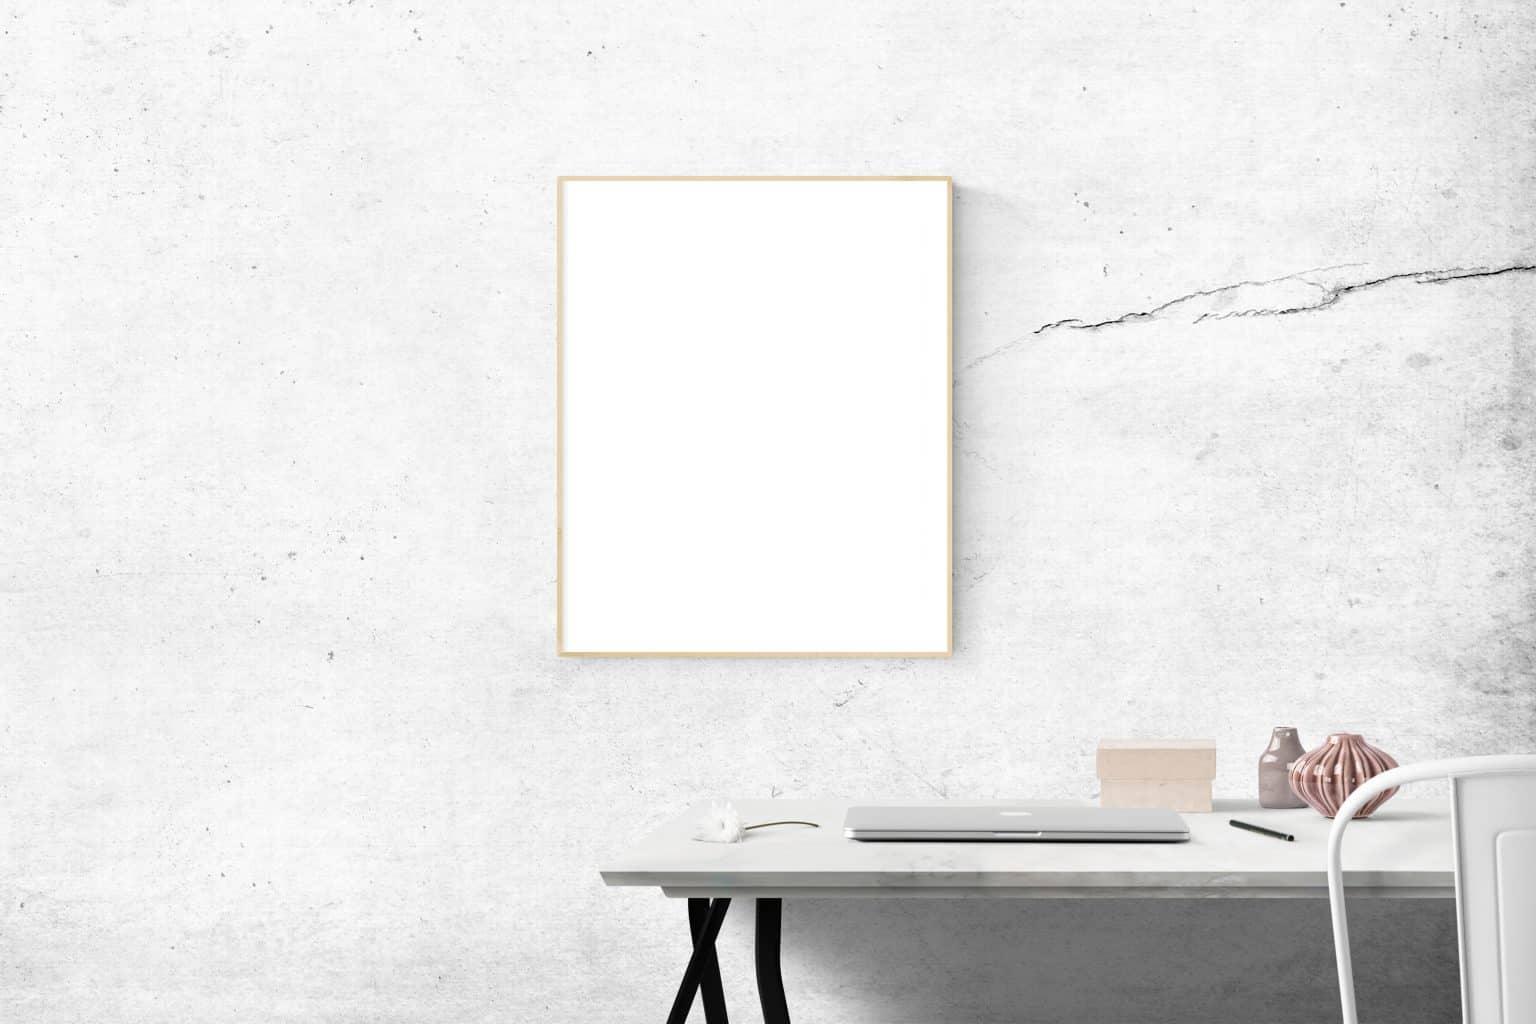 Štvorcové zrkadlo. Zdroj: Pexels.com